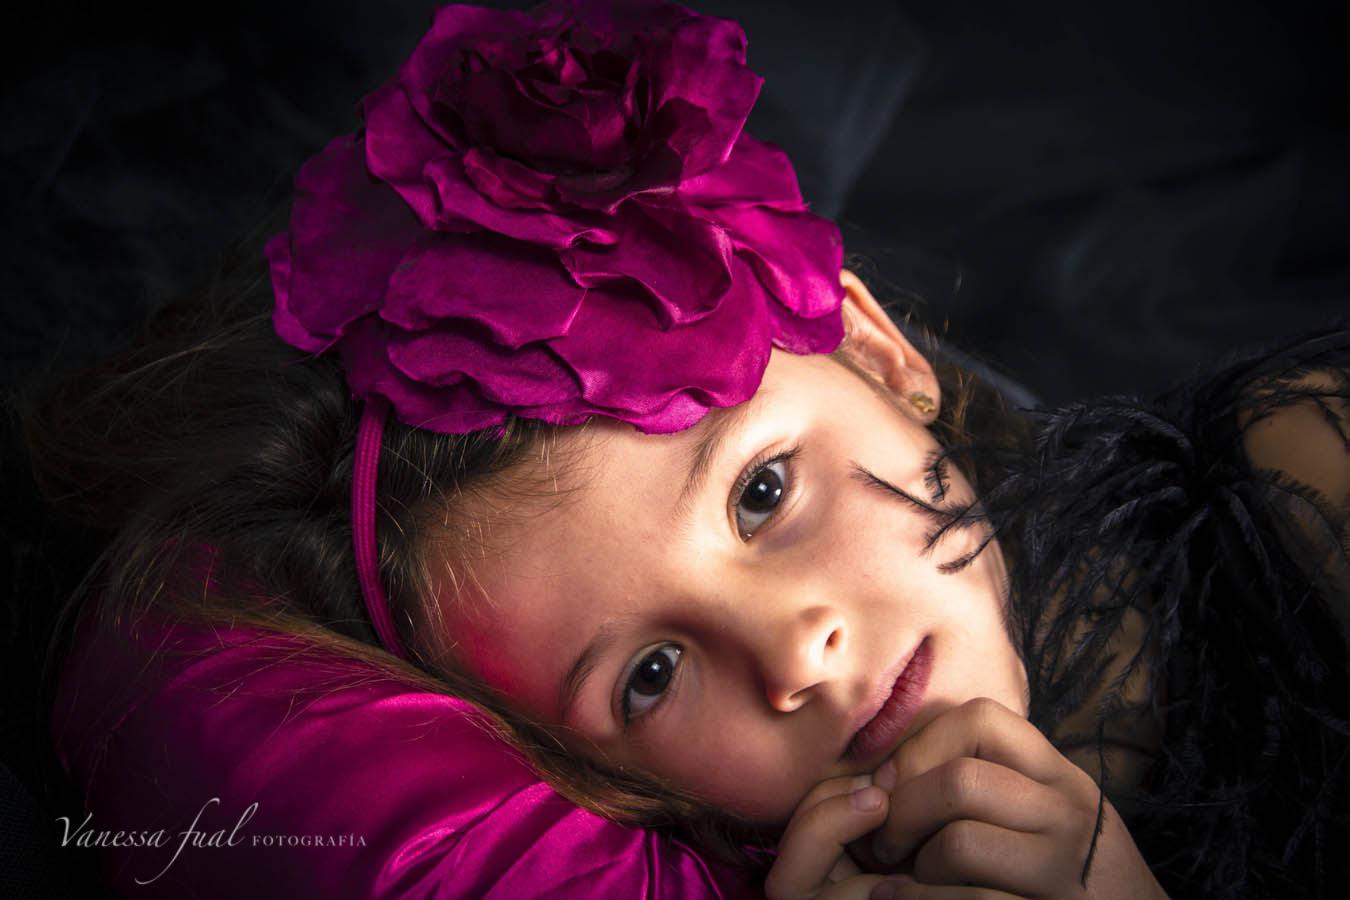 Niños - VANESSA FUAL, Fotografía